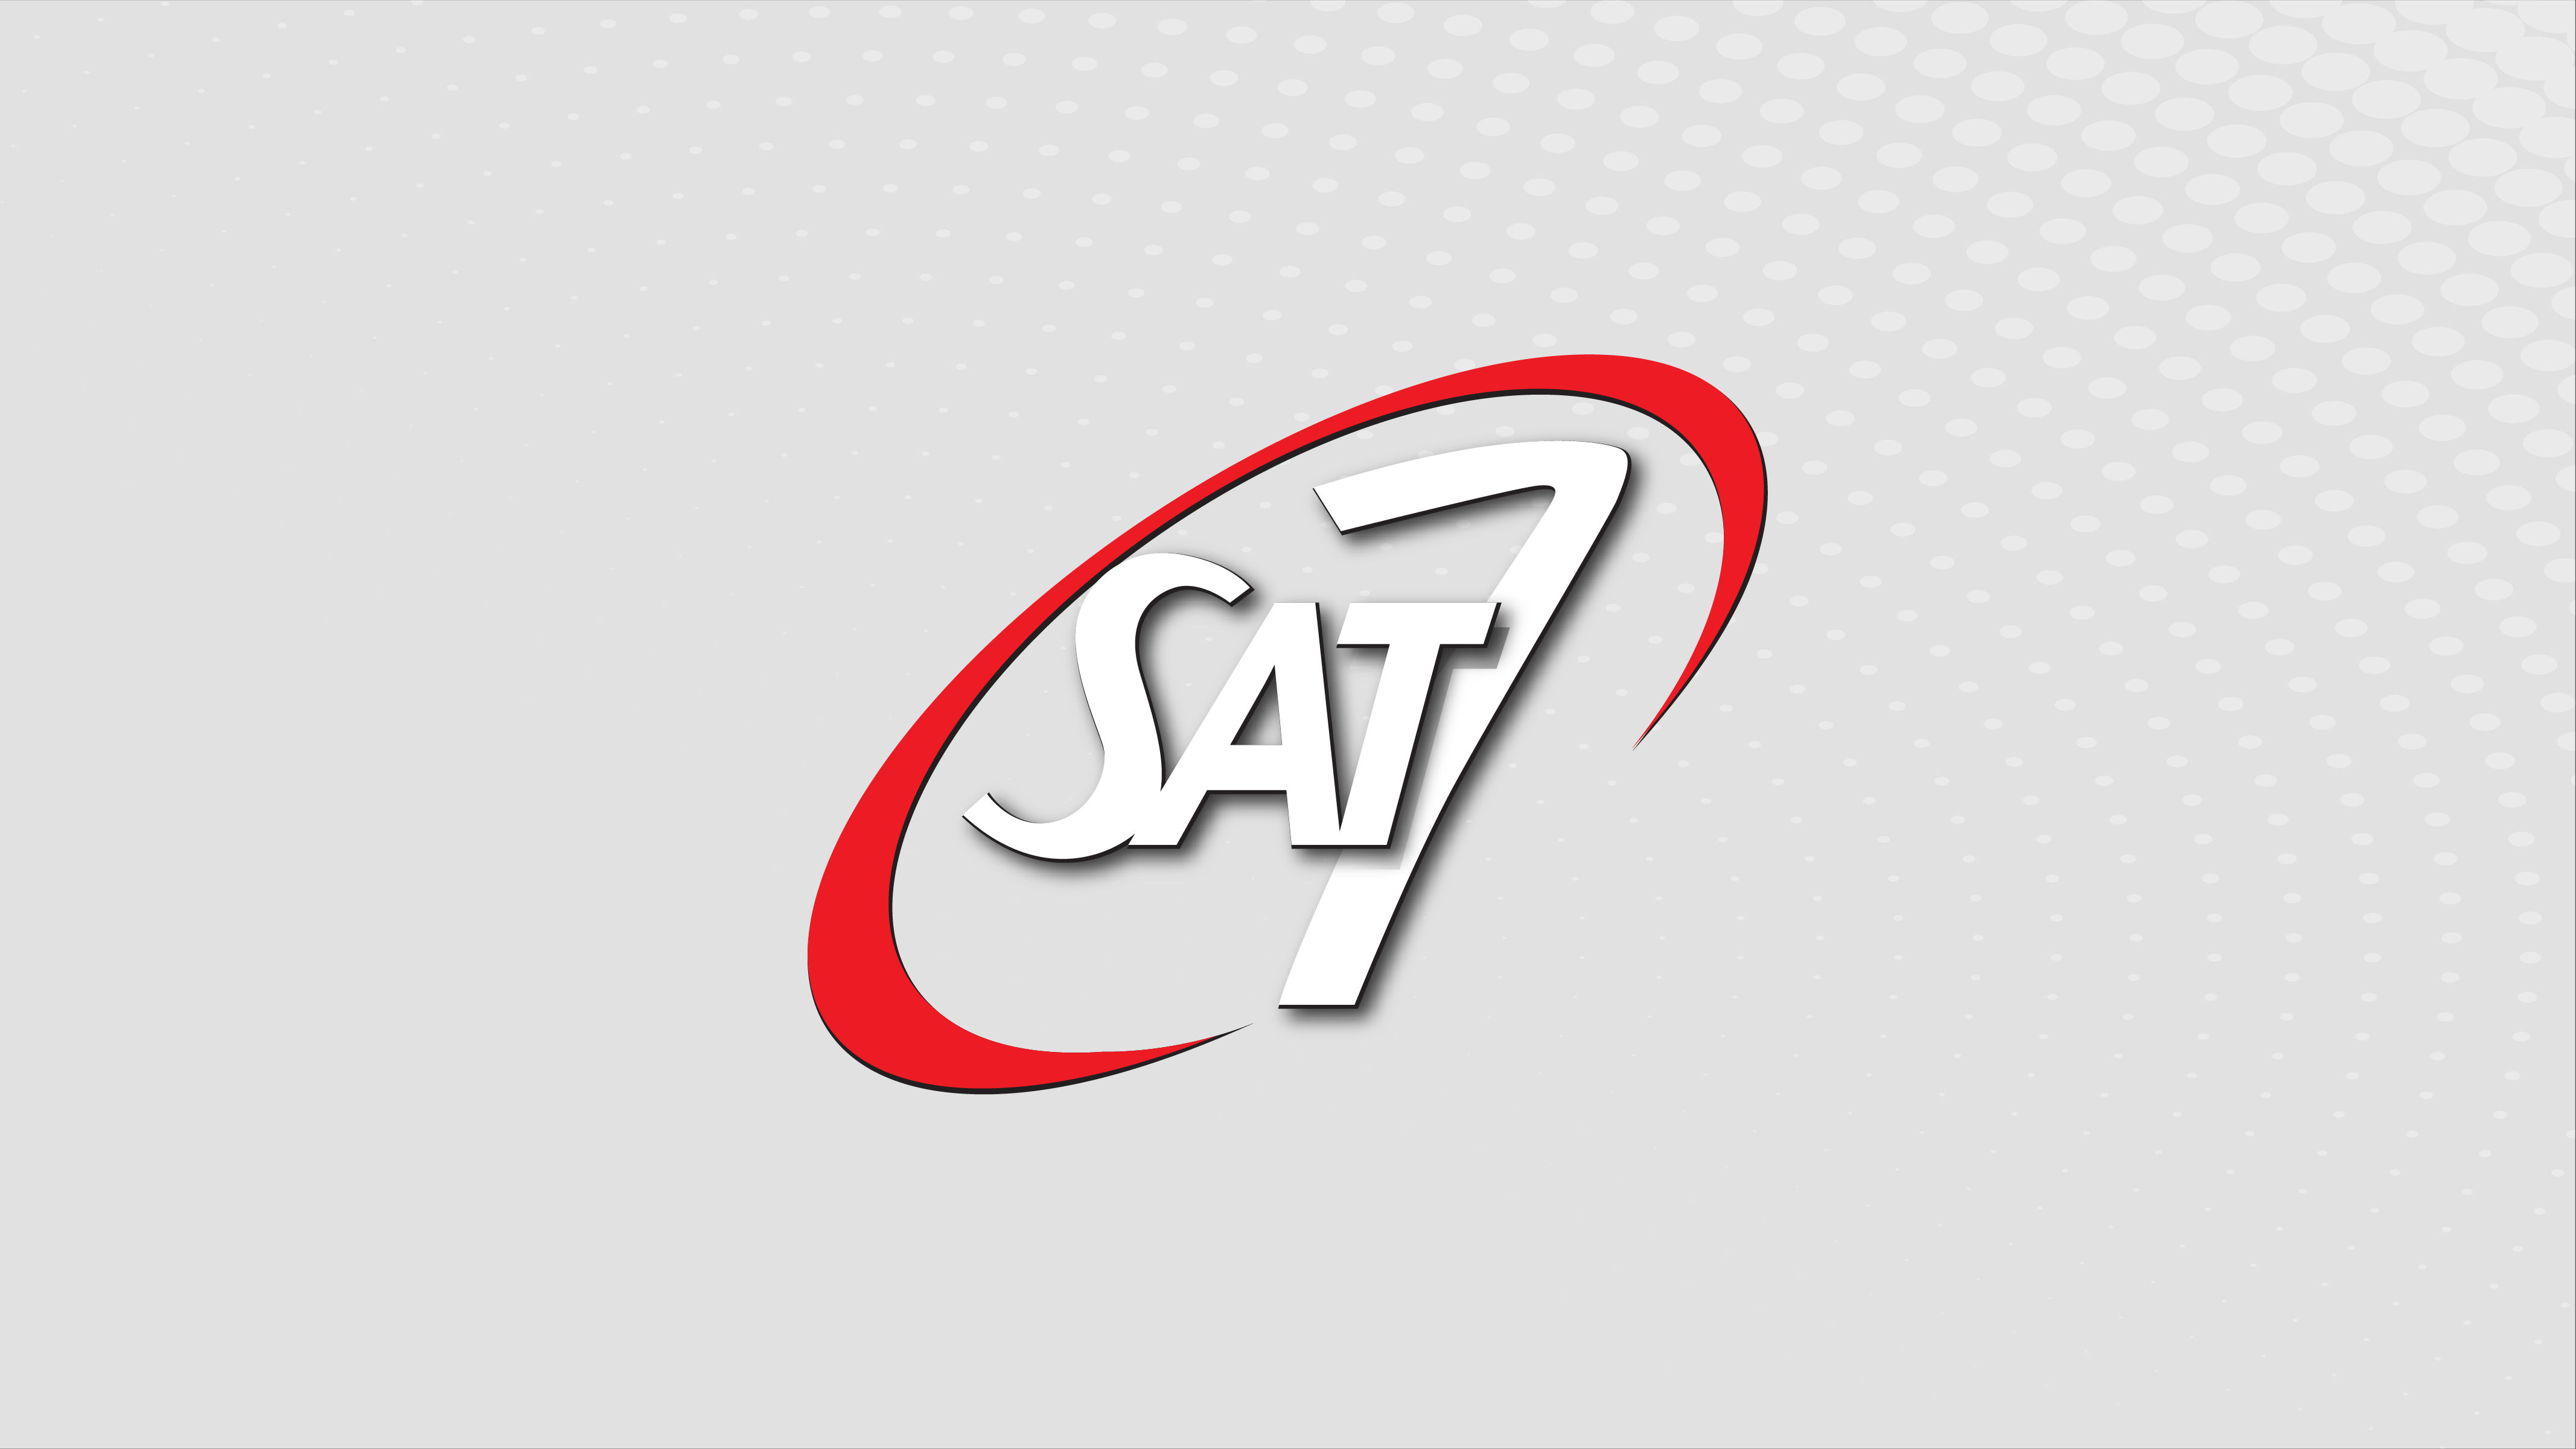 Stream And Watch Sat 7 Arabic - Regularly scheduled program Online